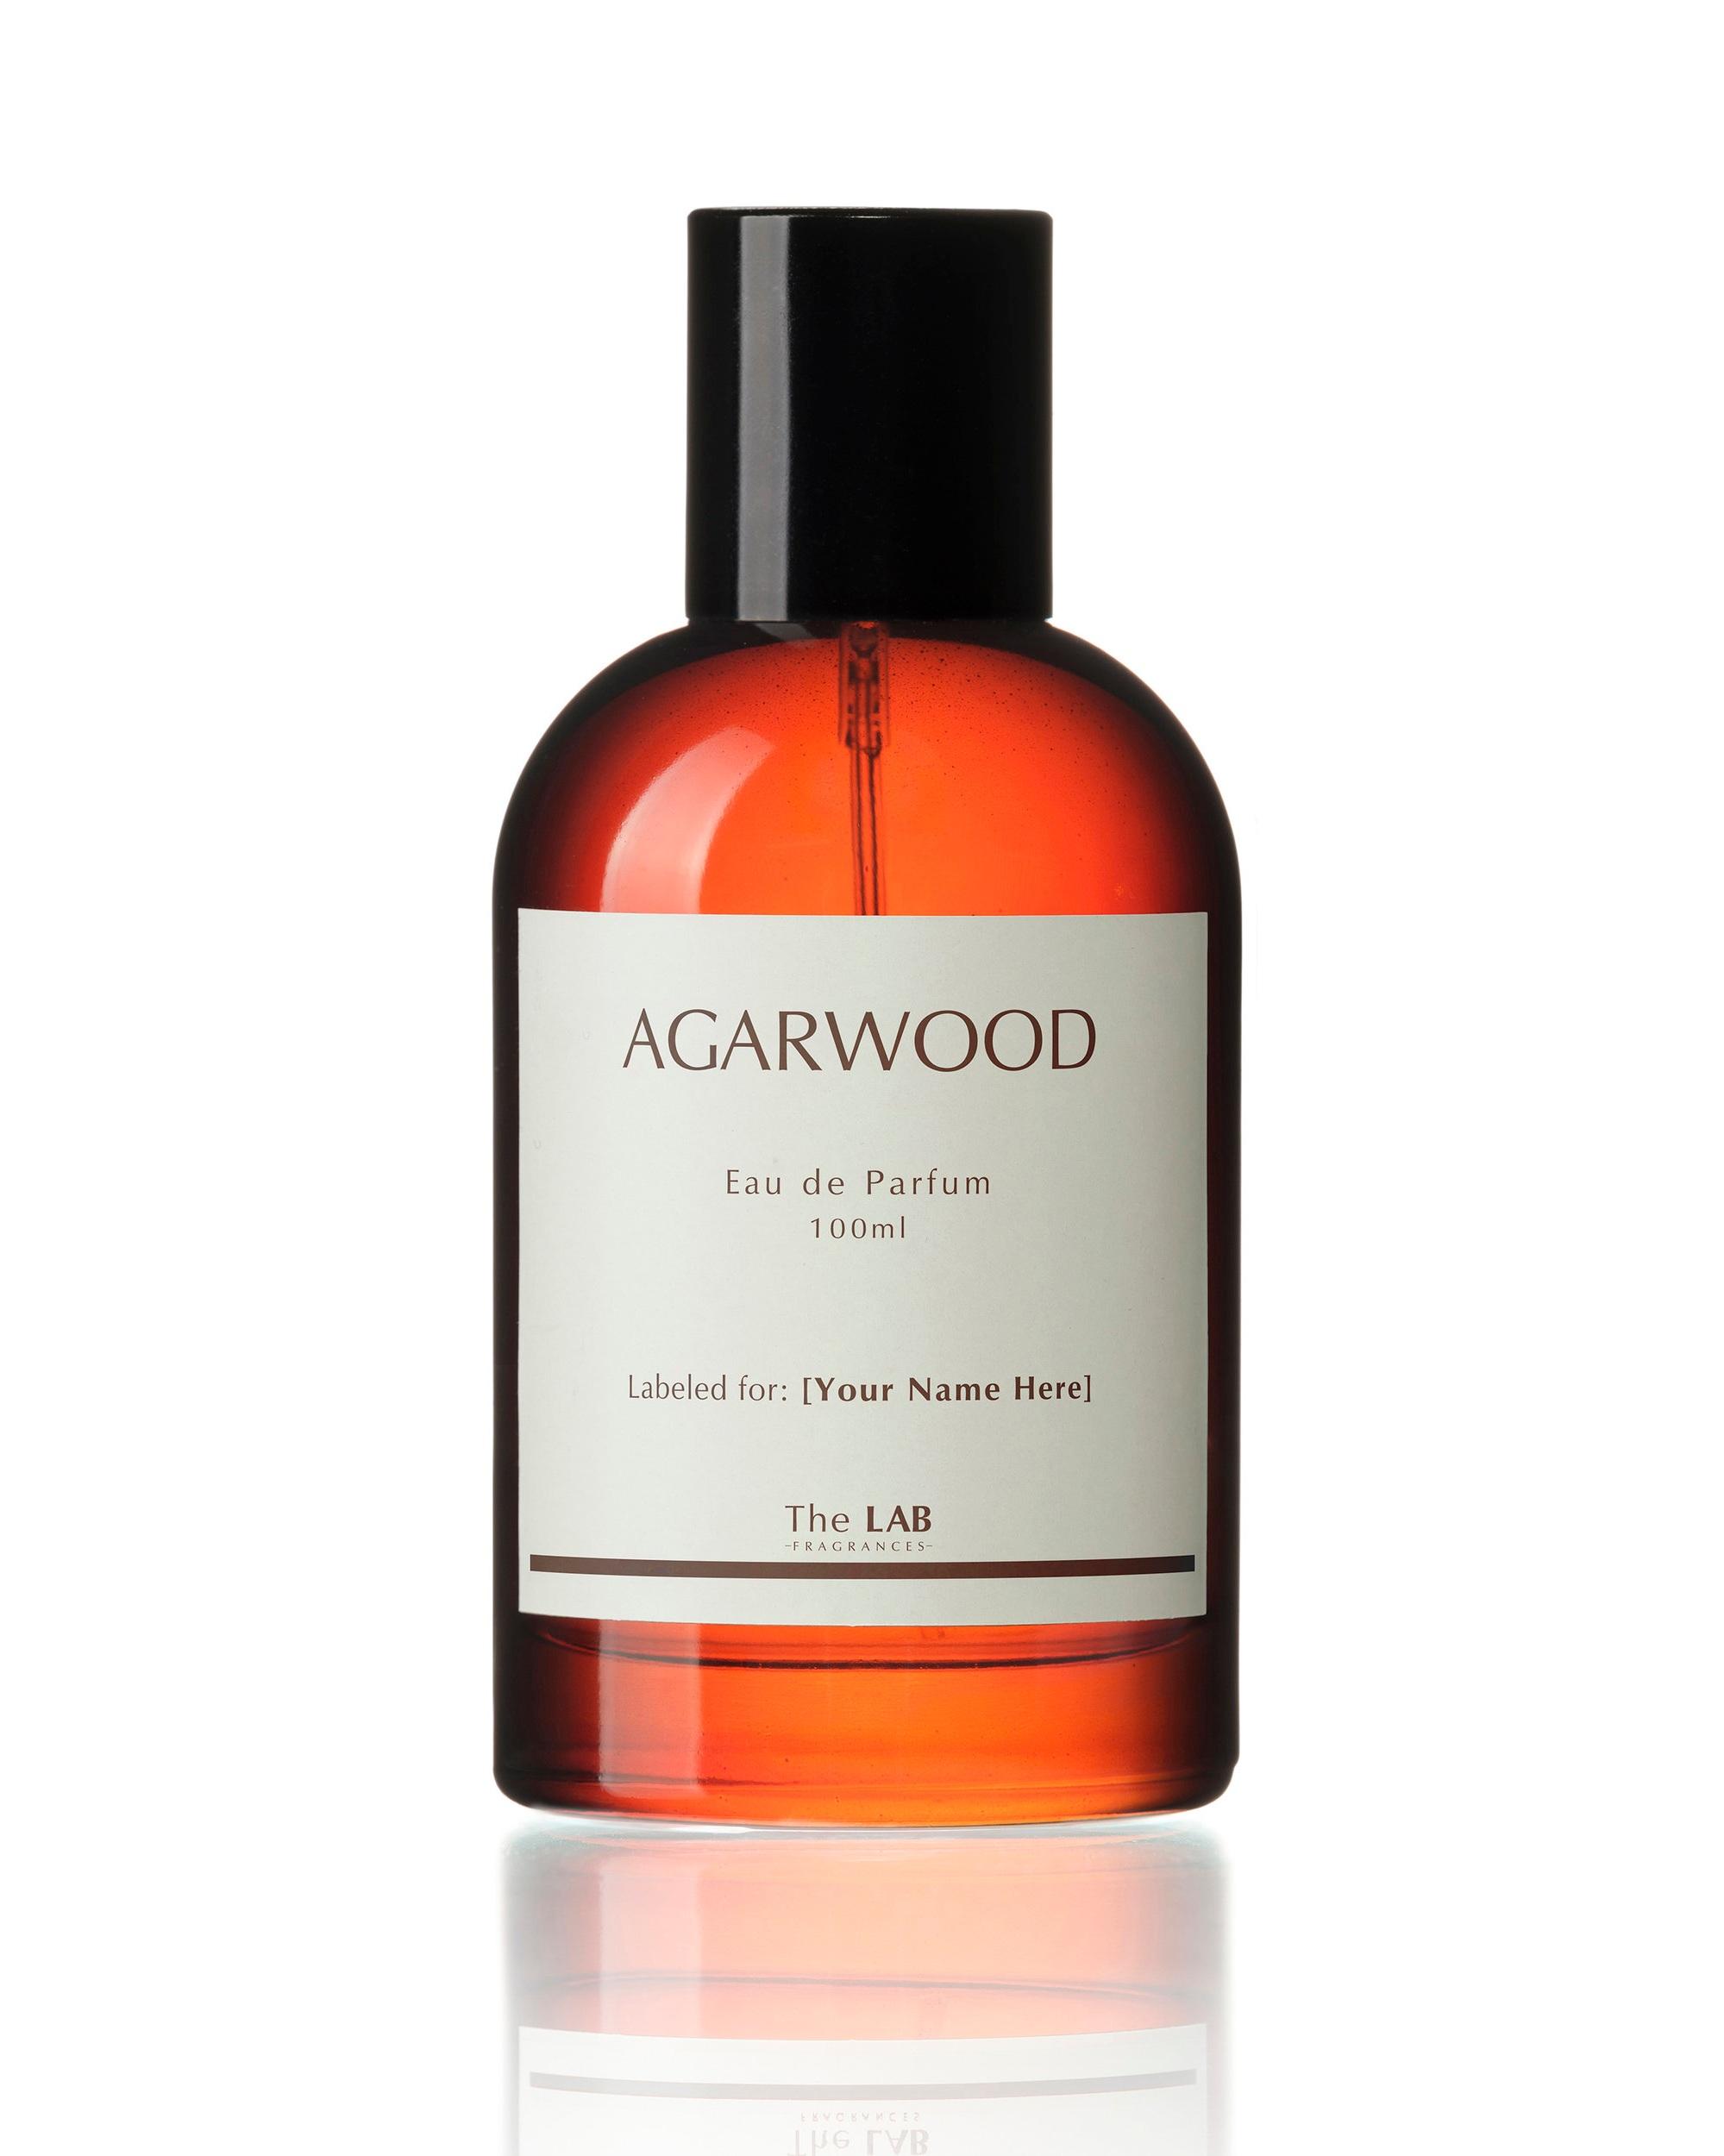 AGARWOOD (Woody)